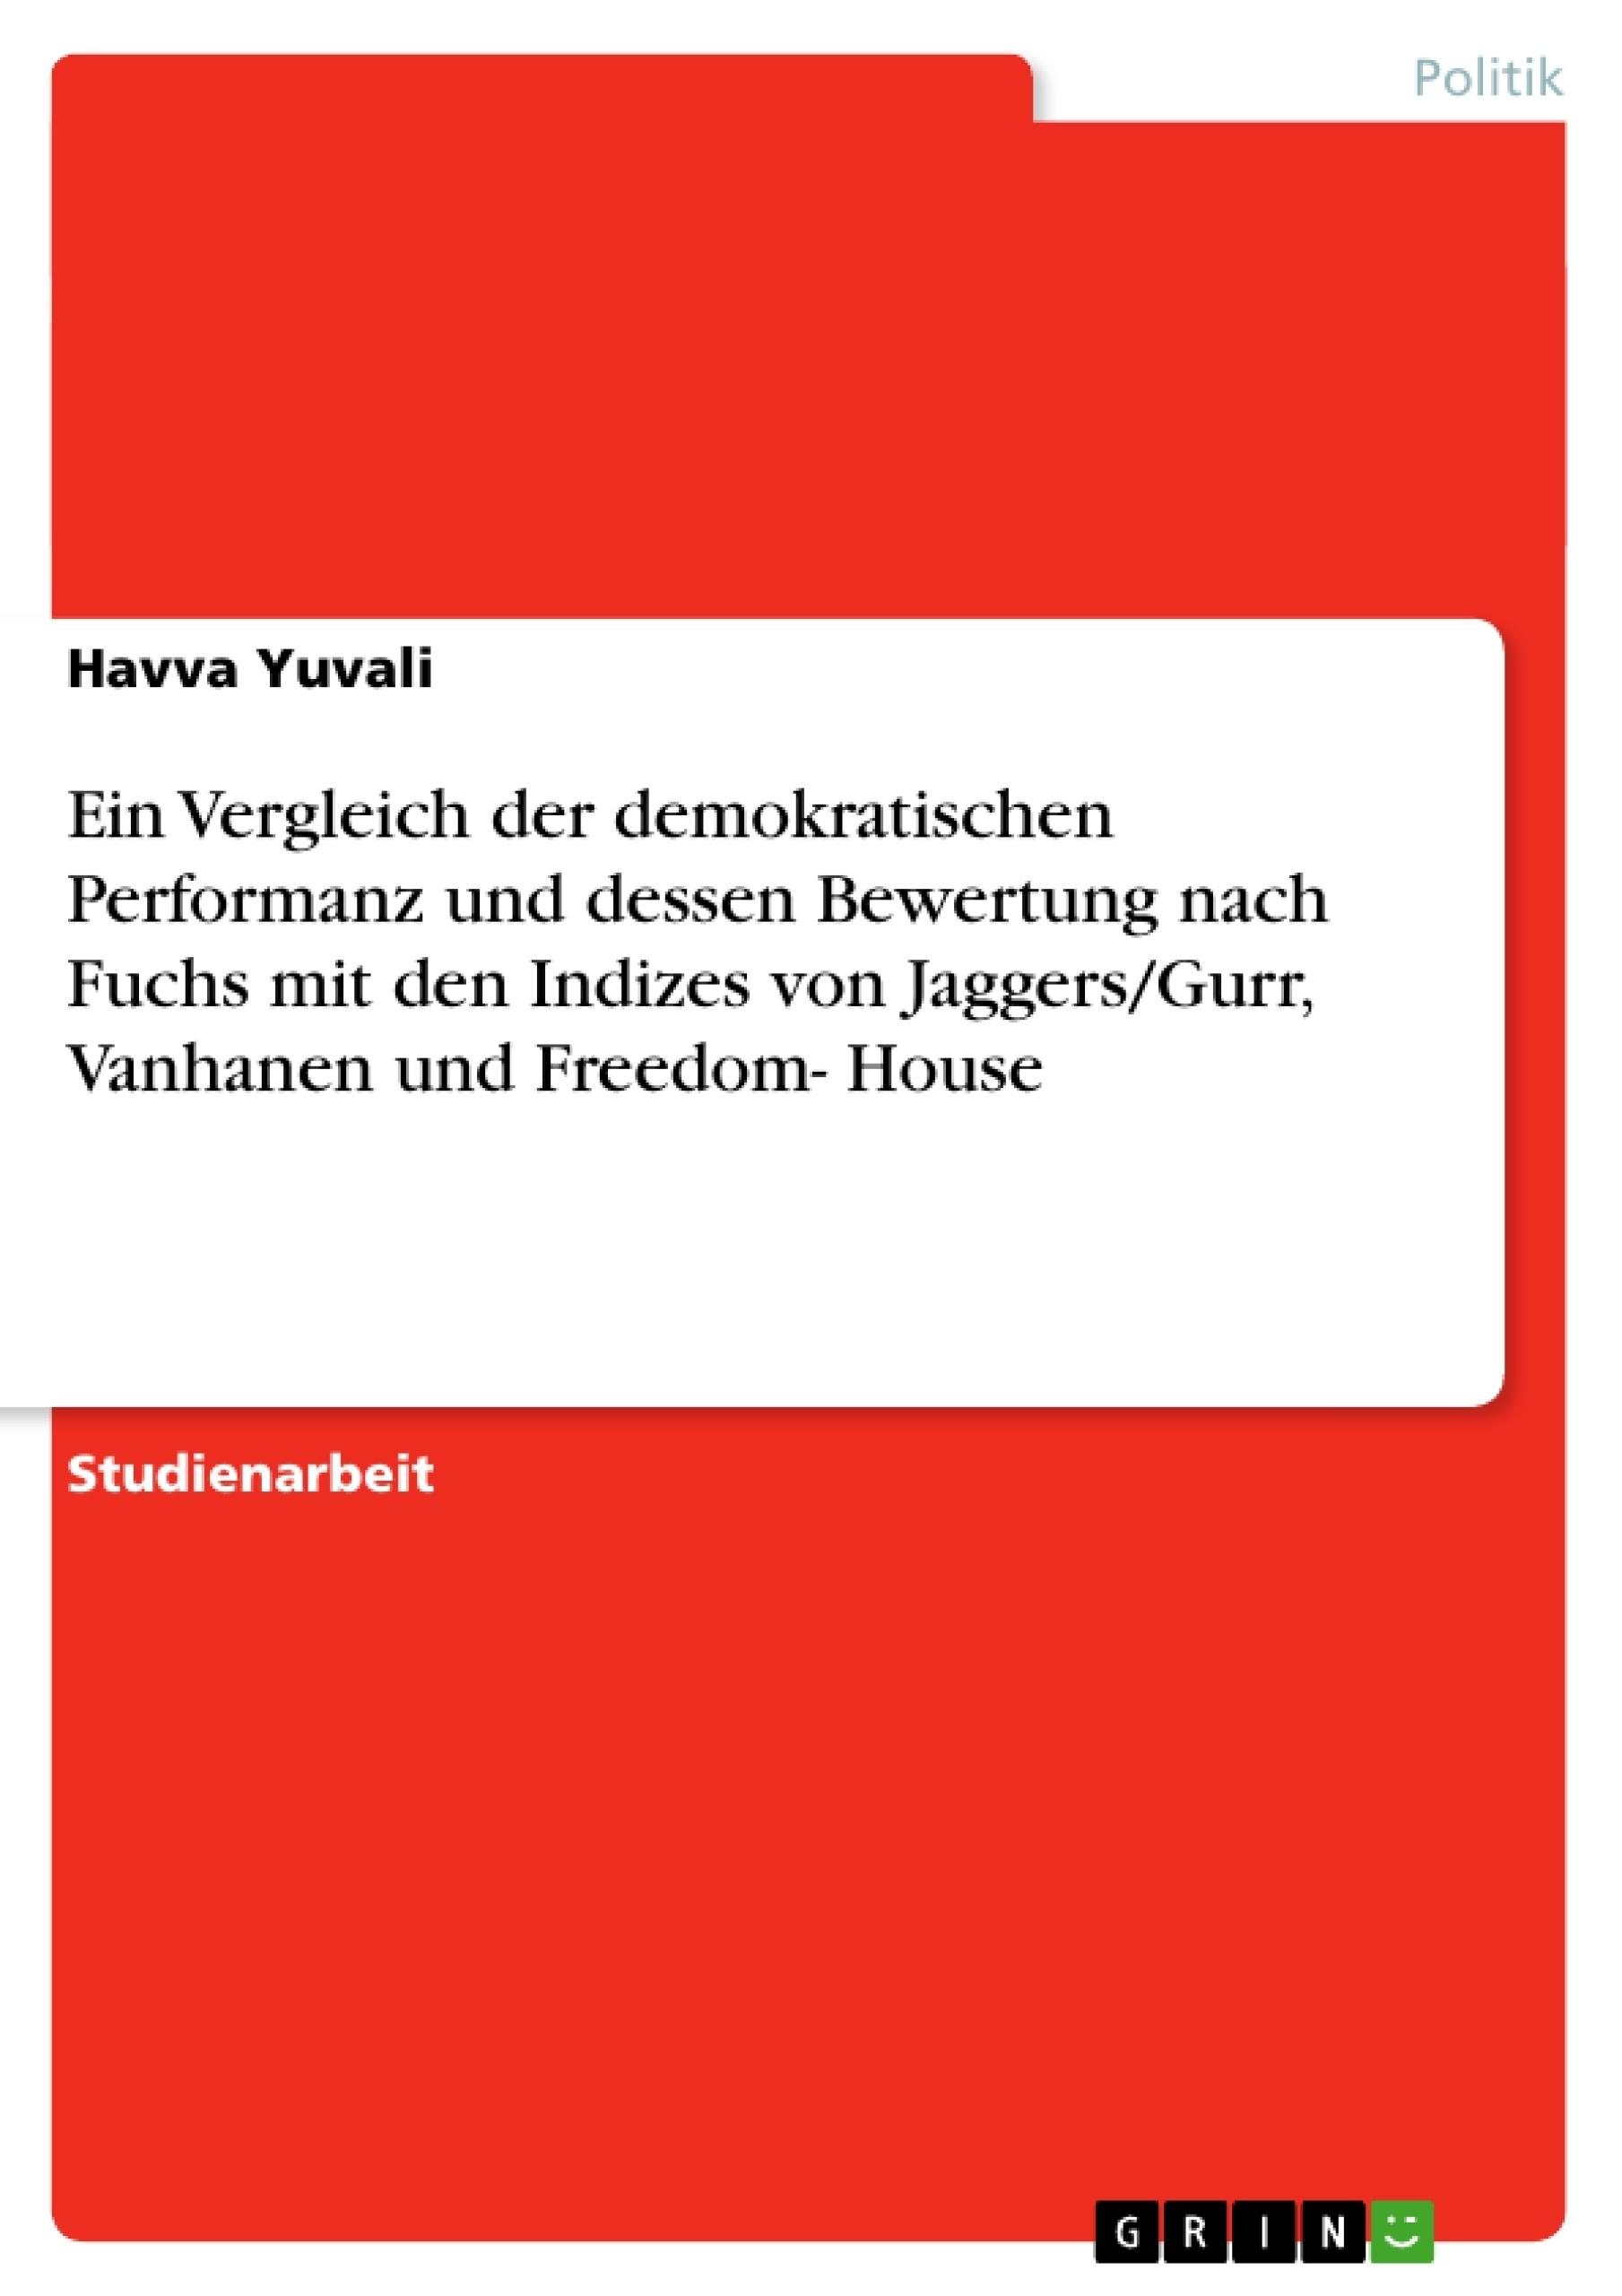 Titel: Ein Vergleich der demokratischen Performanz und dessen Bewertung nach Fuchs mit den Indizes von Jaggers/Gurr, Vanhanen und Freedom- House